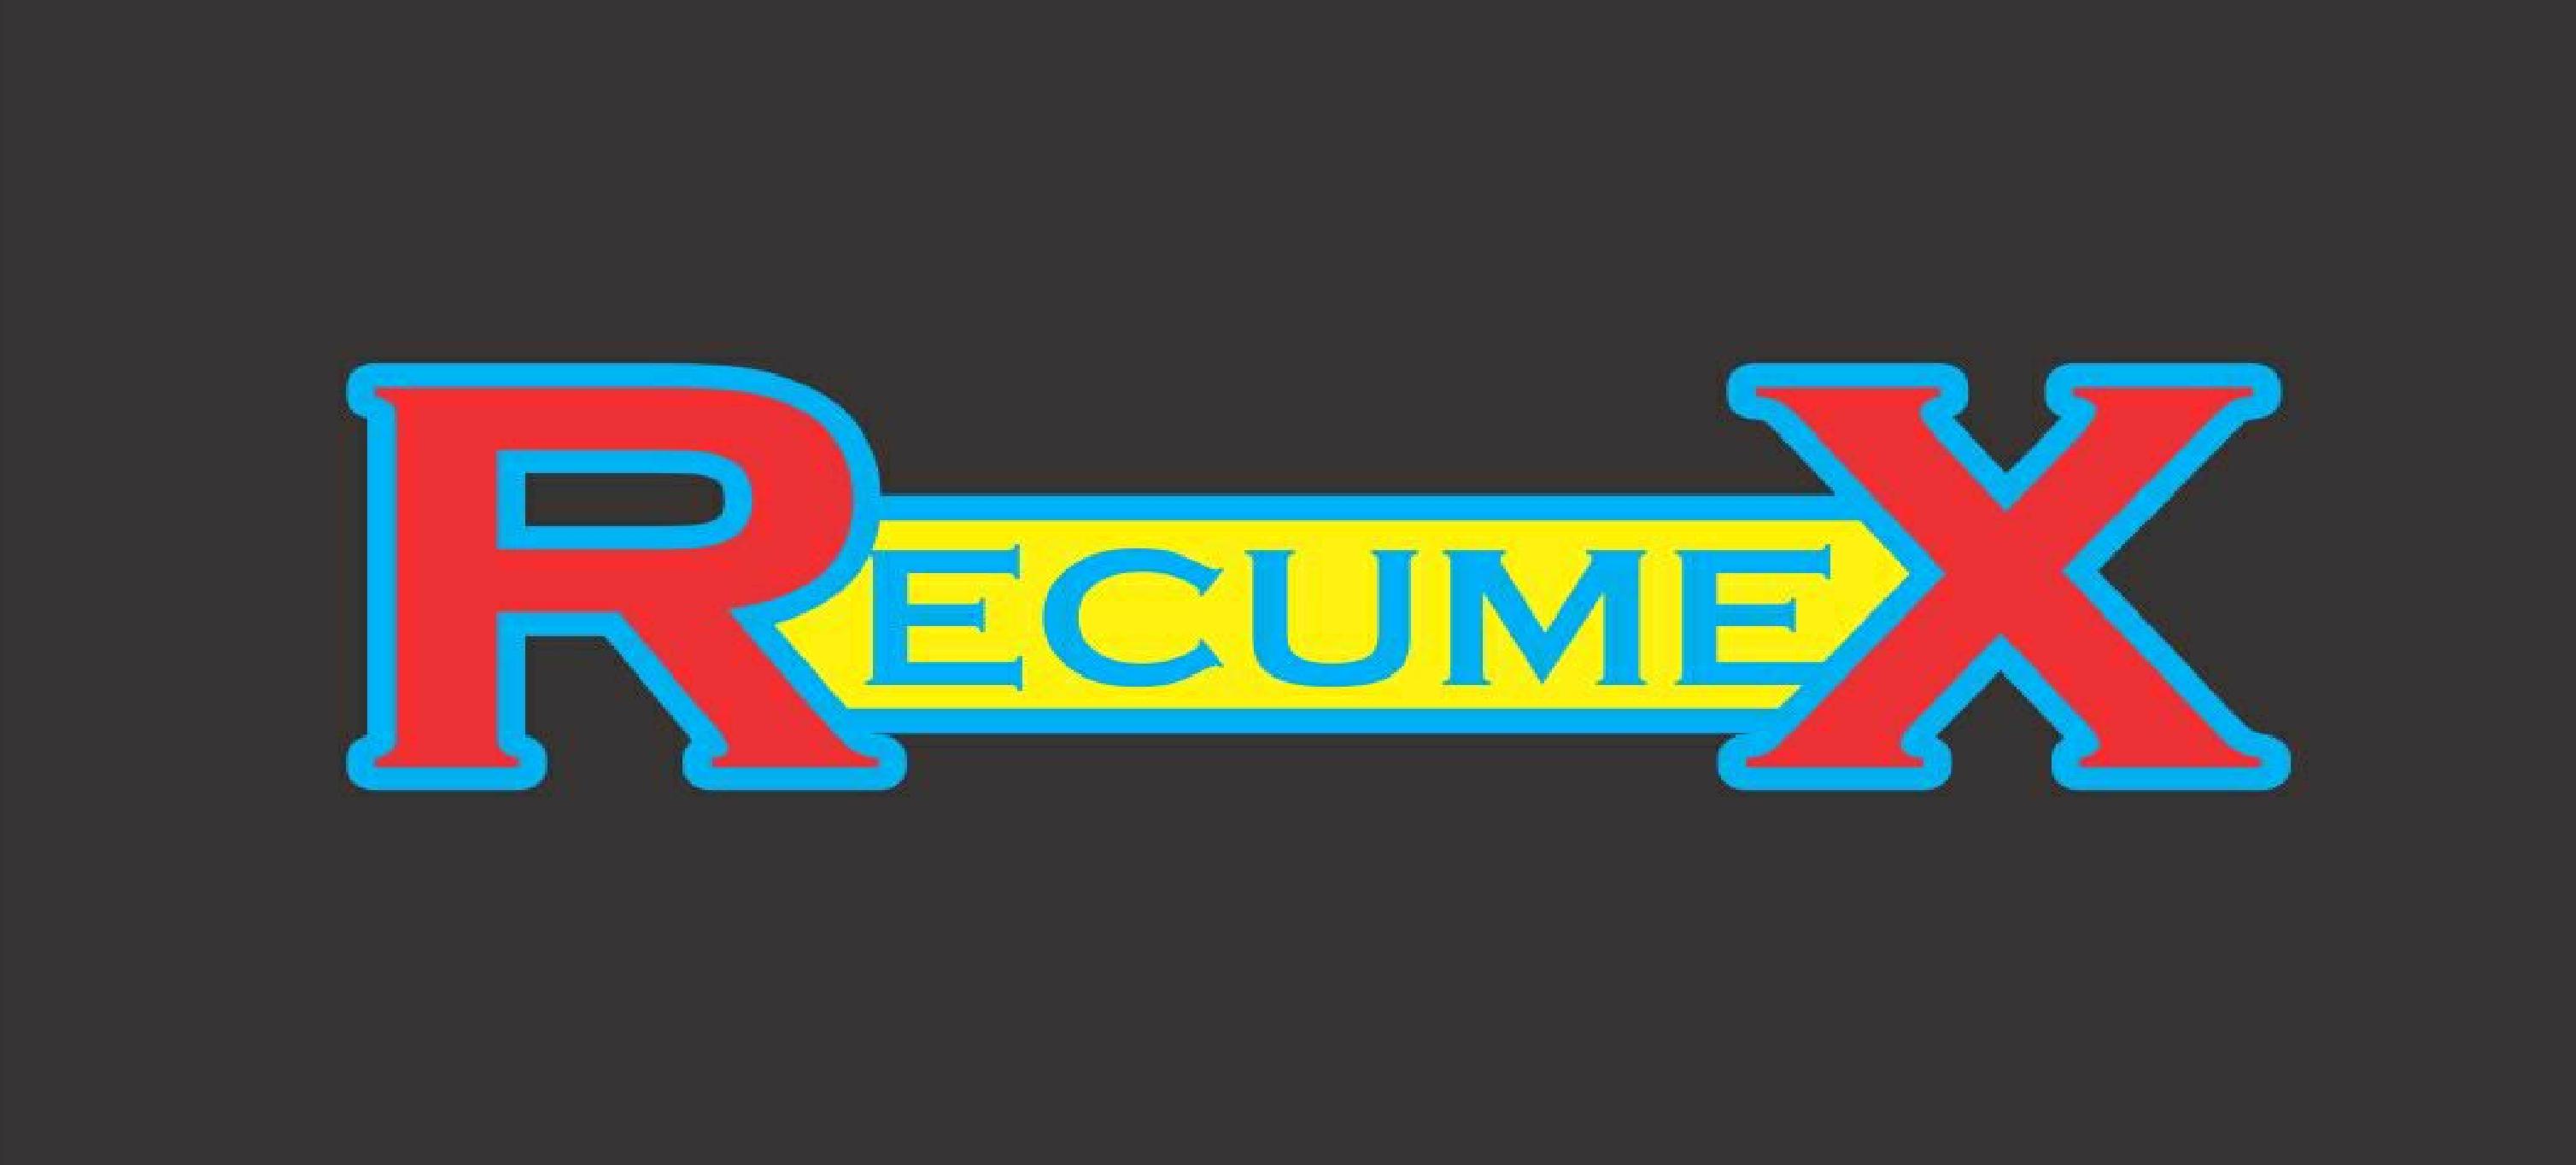 RECUMEX